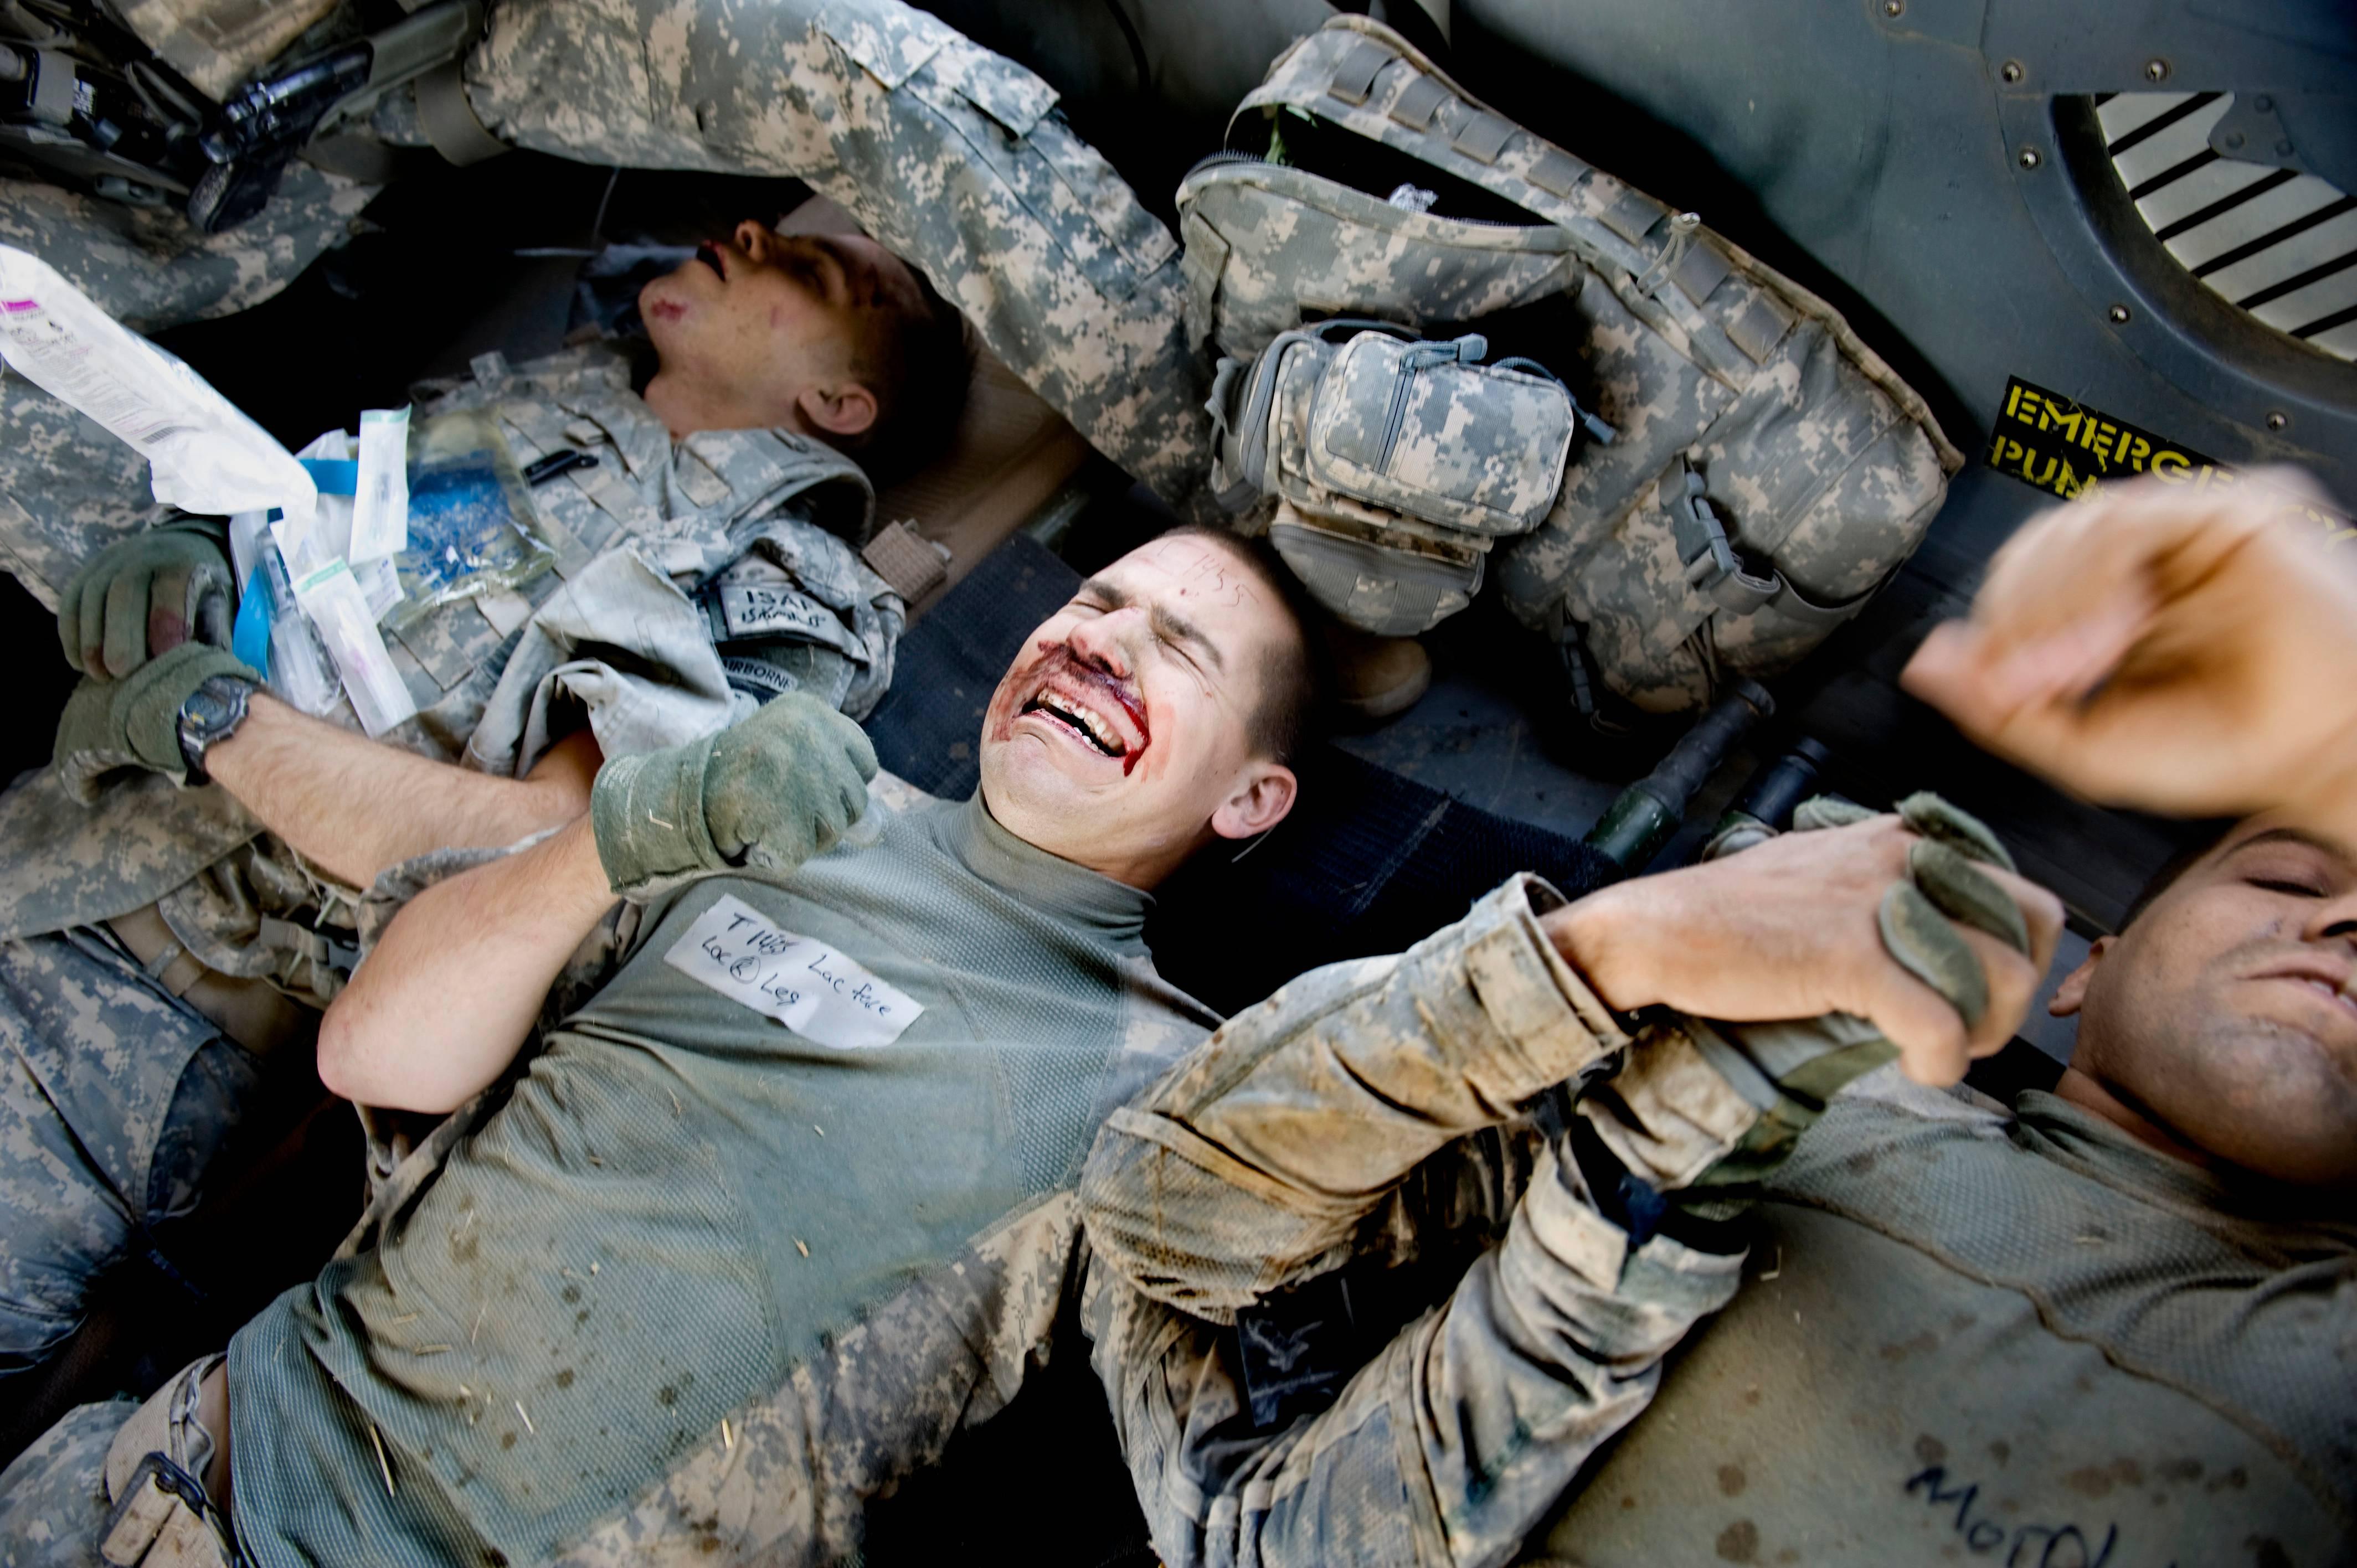 O soldado Terry Heise grita de dor enquanto os médicos da Força-Tarefa Shadow cuidam de um ferimento em sua perna após um acidente de carro na província de Kandahar, Afeganistão, em 10 de outubro de 2010. O PFC do exército Jeff Springer, à esquerda, e o sargento Rodrigo Santos são transportados com Heise depois que um IED explodiu sob seu veículo, matando outros dois soldados. Os três sobreviveram, mas com ferimentos nas extremidades inferiores; um perdeu um pé | Foto: Washington Post/Linda Davidson